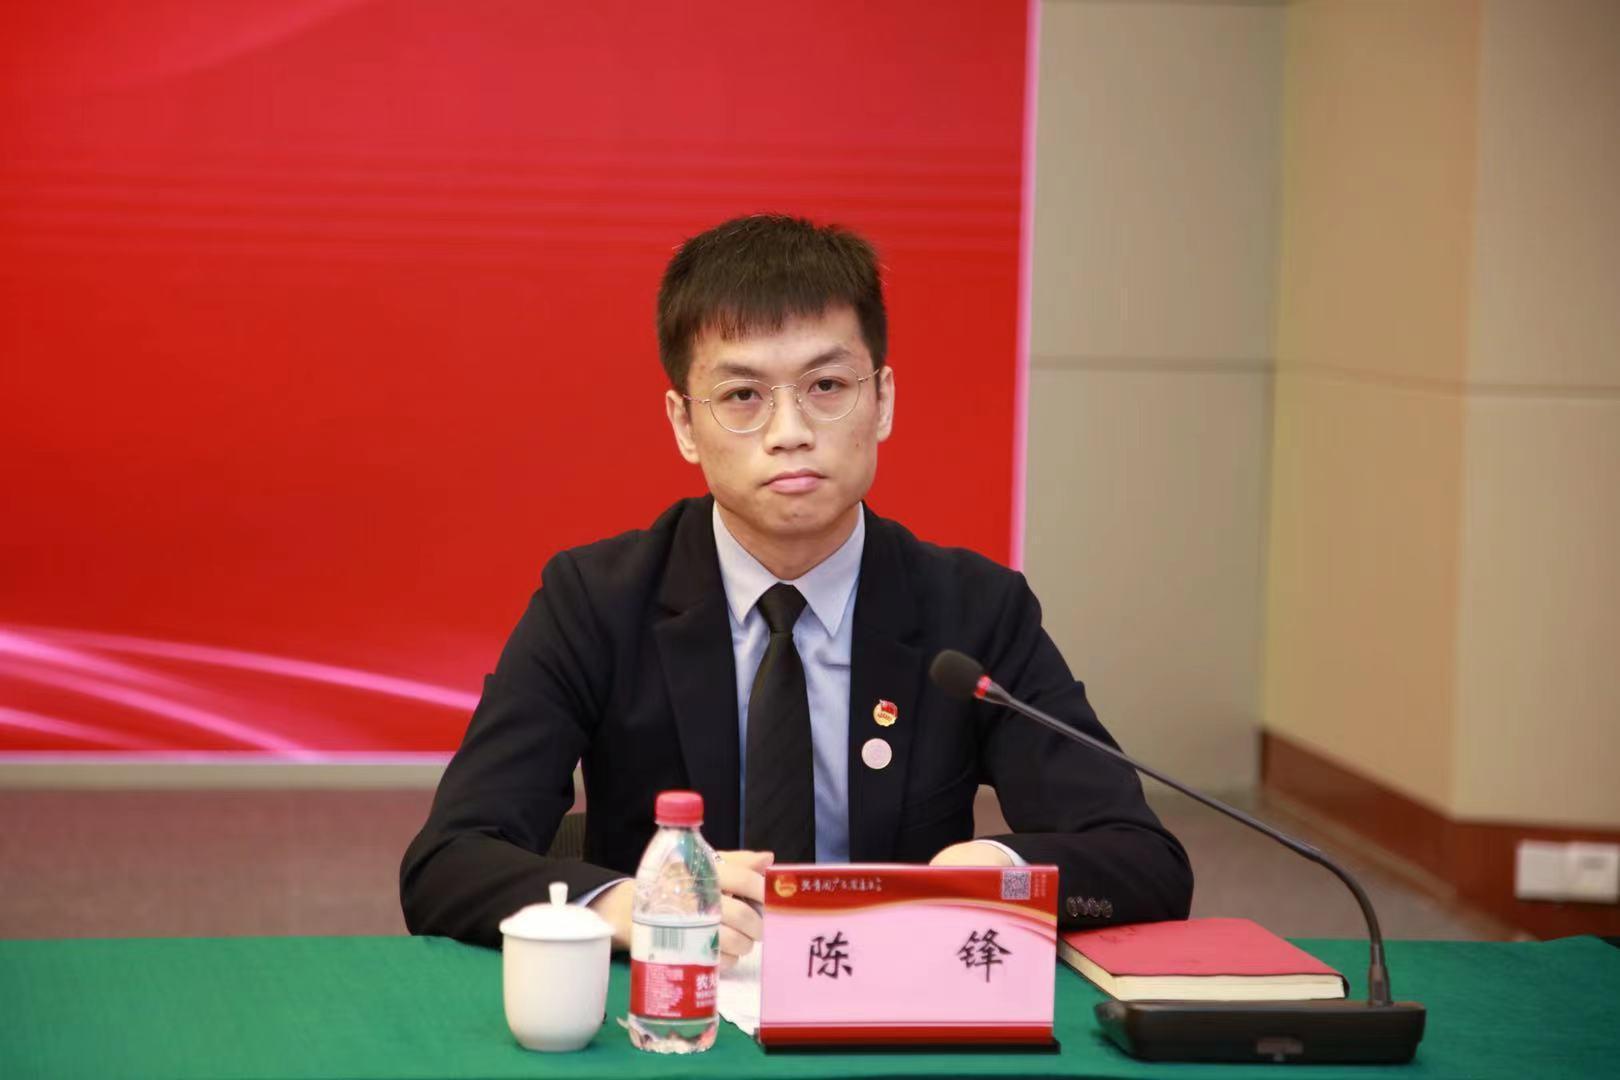 广东省学生联合会执行主席陈锋会上发言。